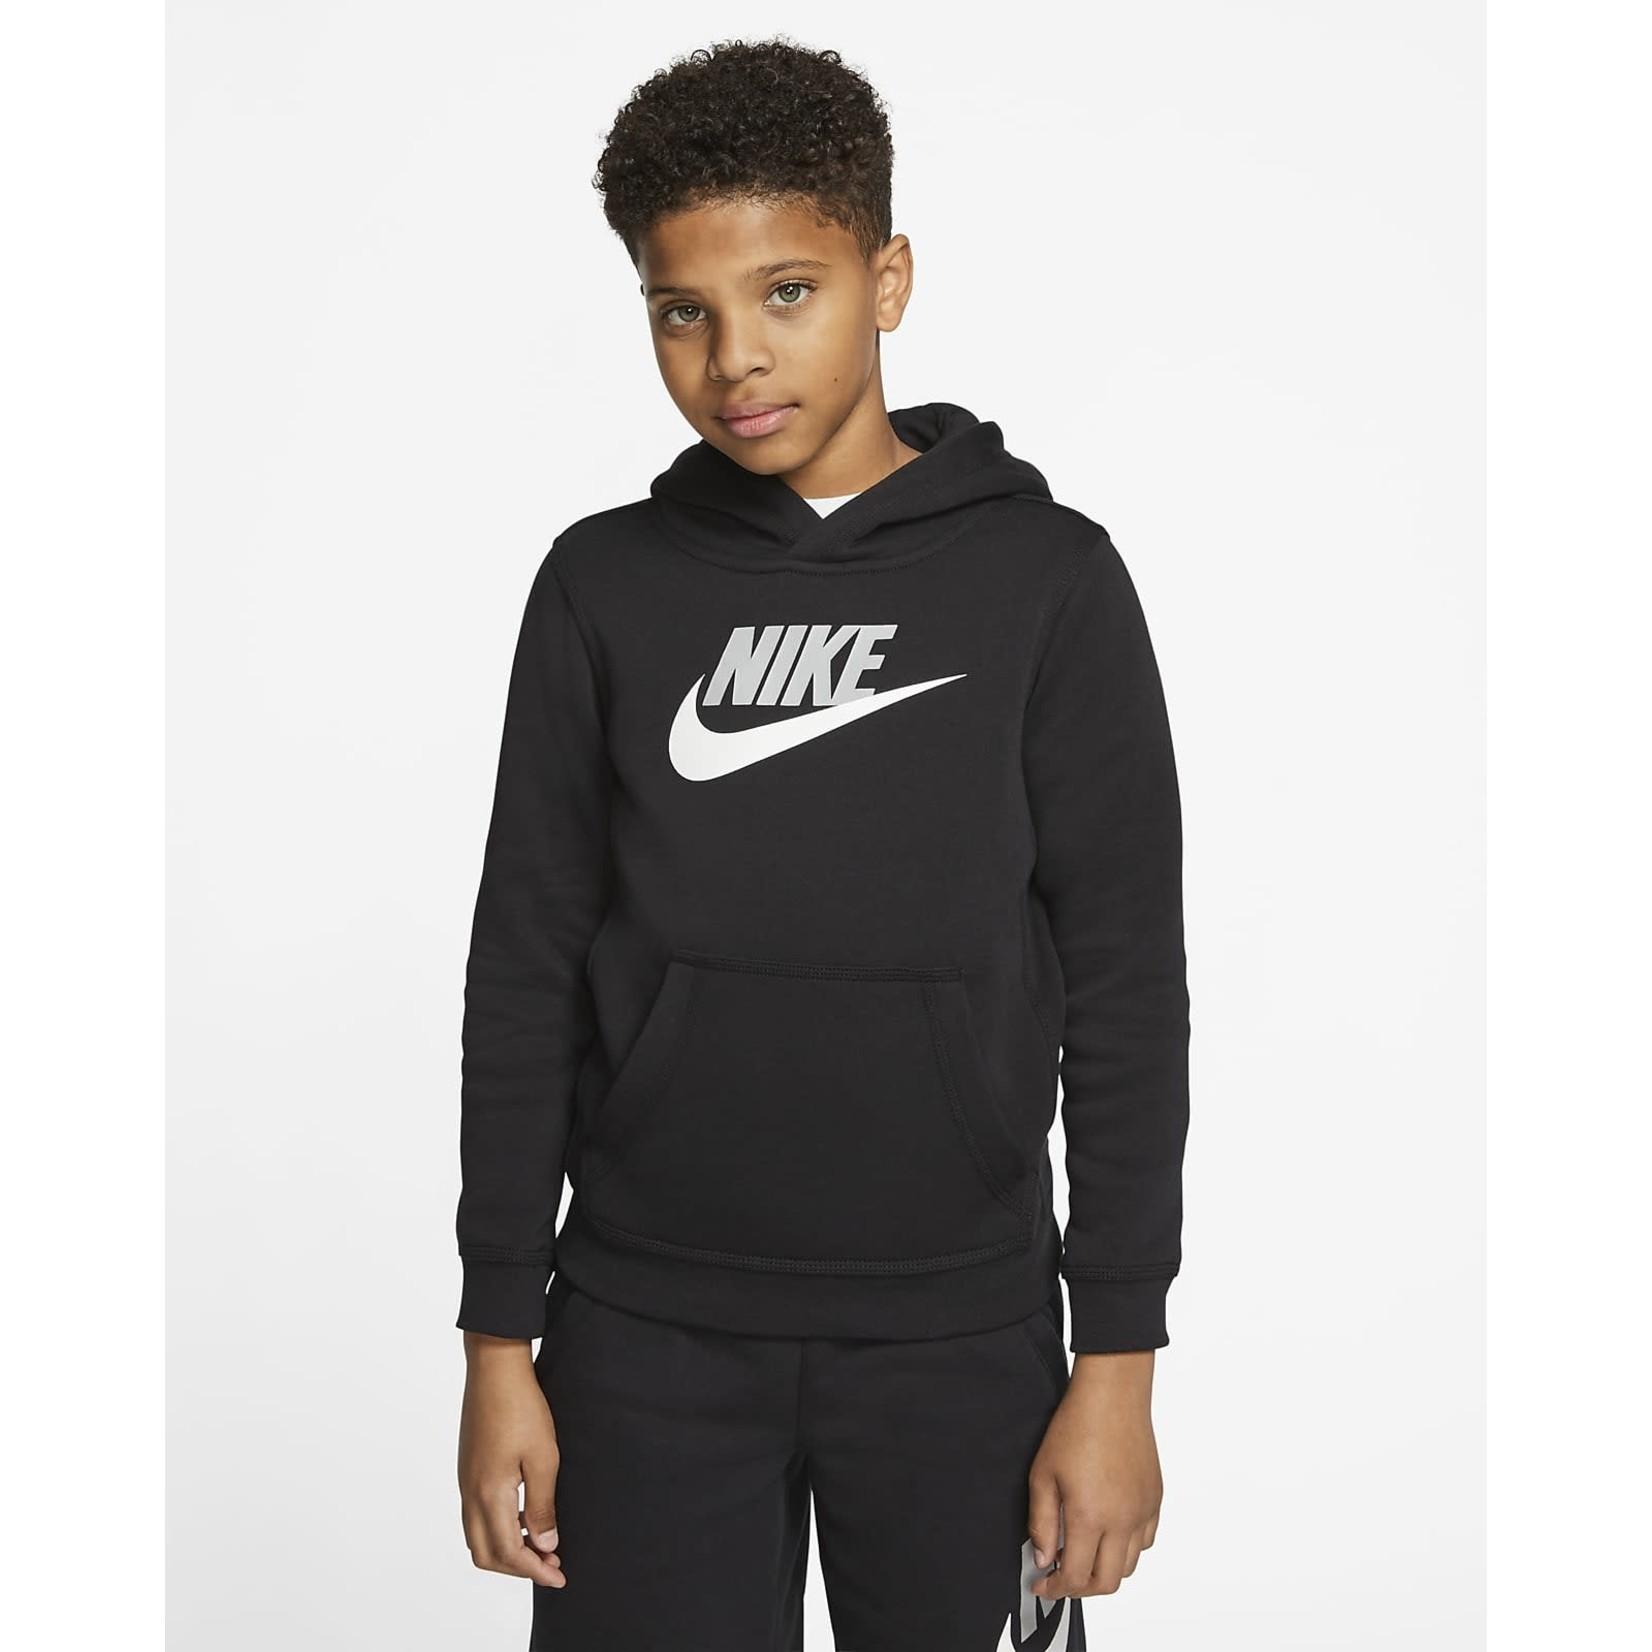 Nike Nike Hoodie, Sportswear Club Fleece, Boys